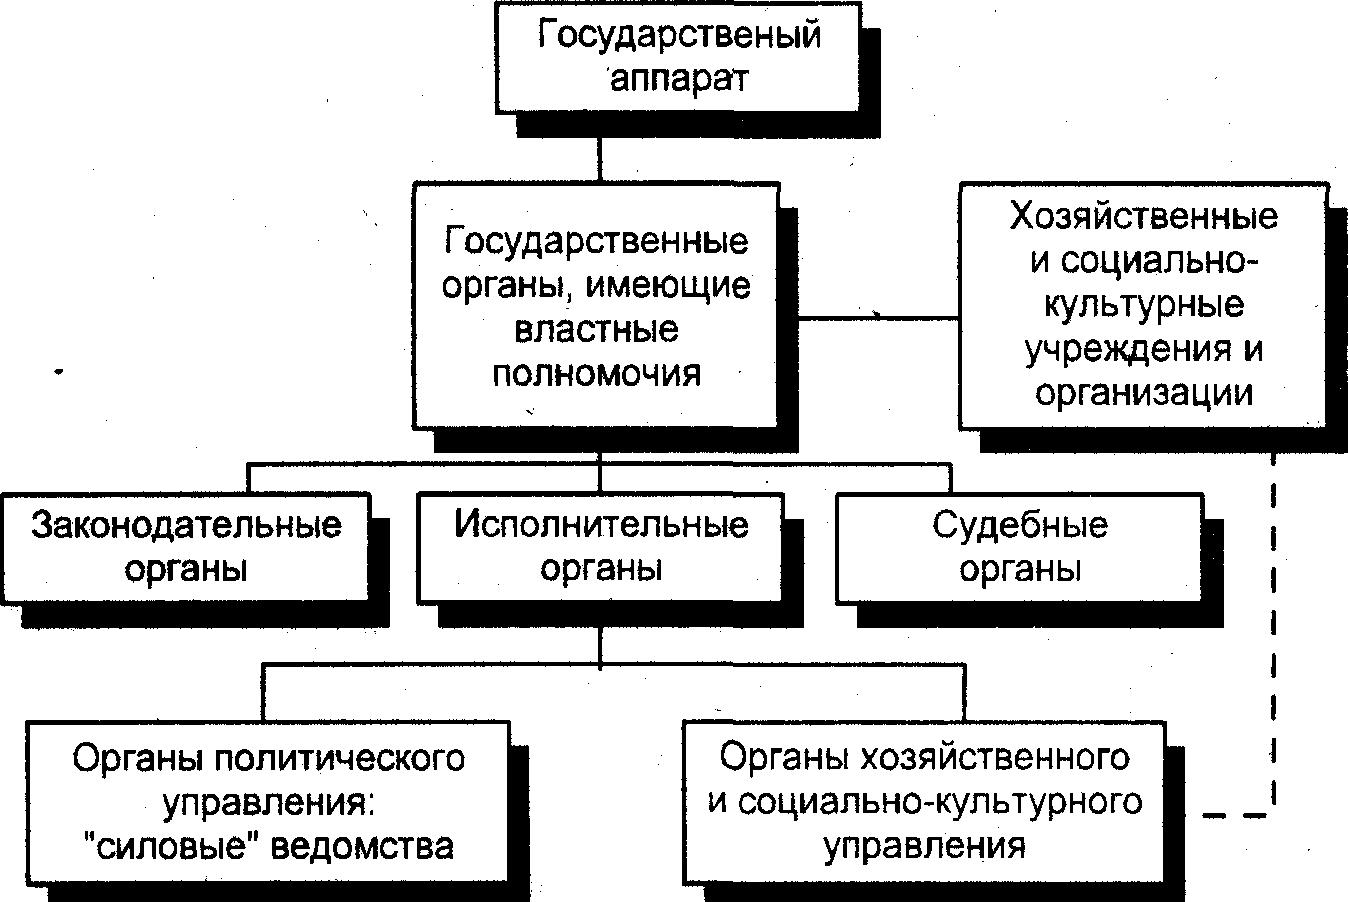 государственный аппарат и органы государства шпаргалка